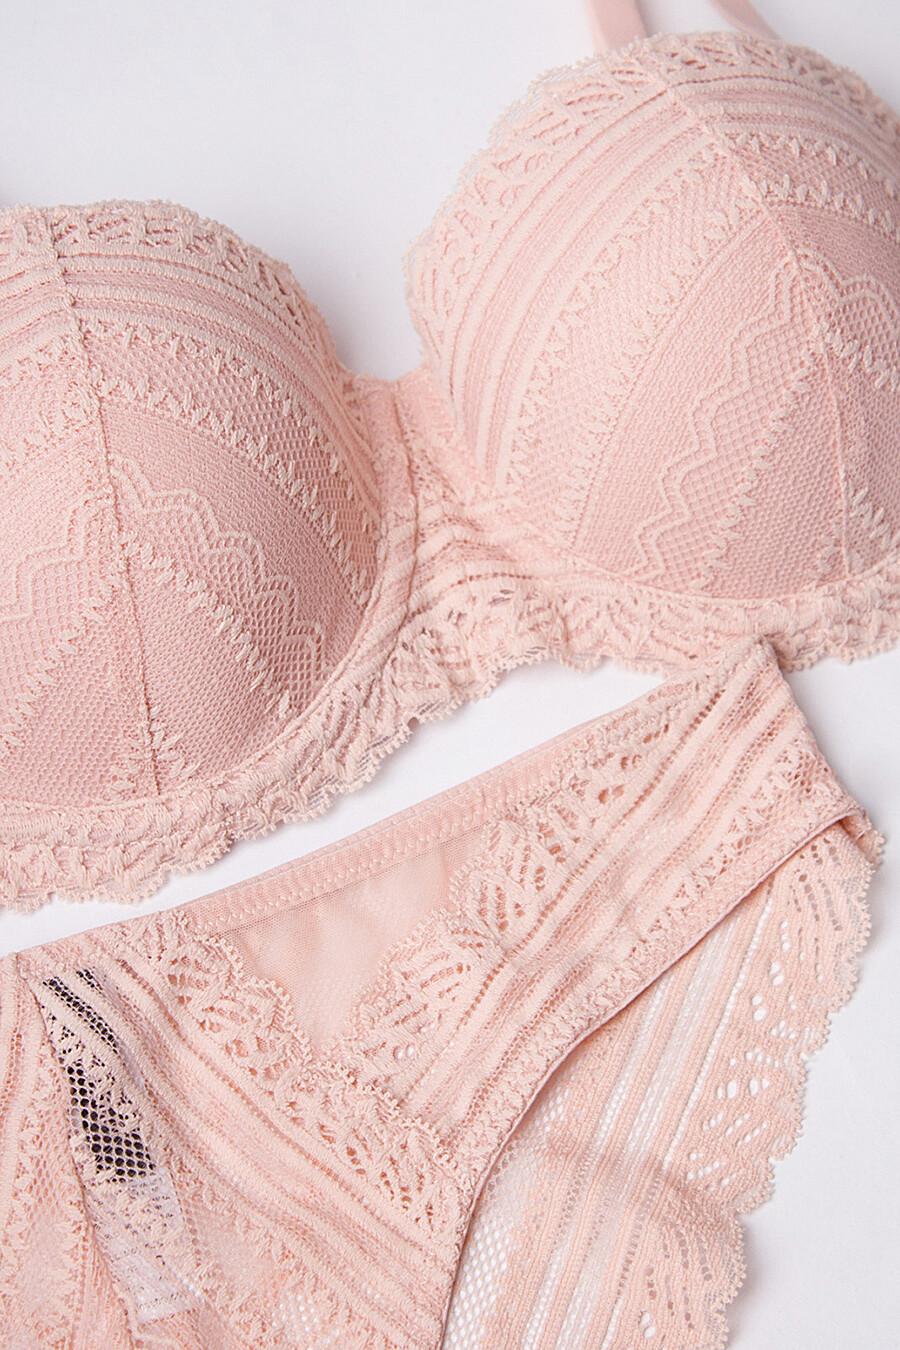 Комплект нижнего белья для женщин INDEFINI 175860 купить оптом от производителя. Совместная покупка женской одежды в OptMoyo